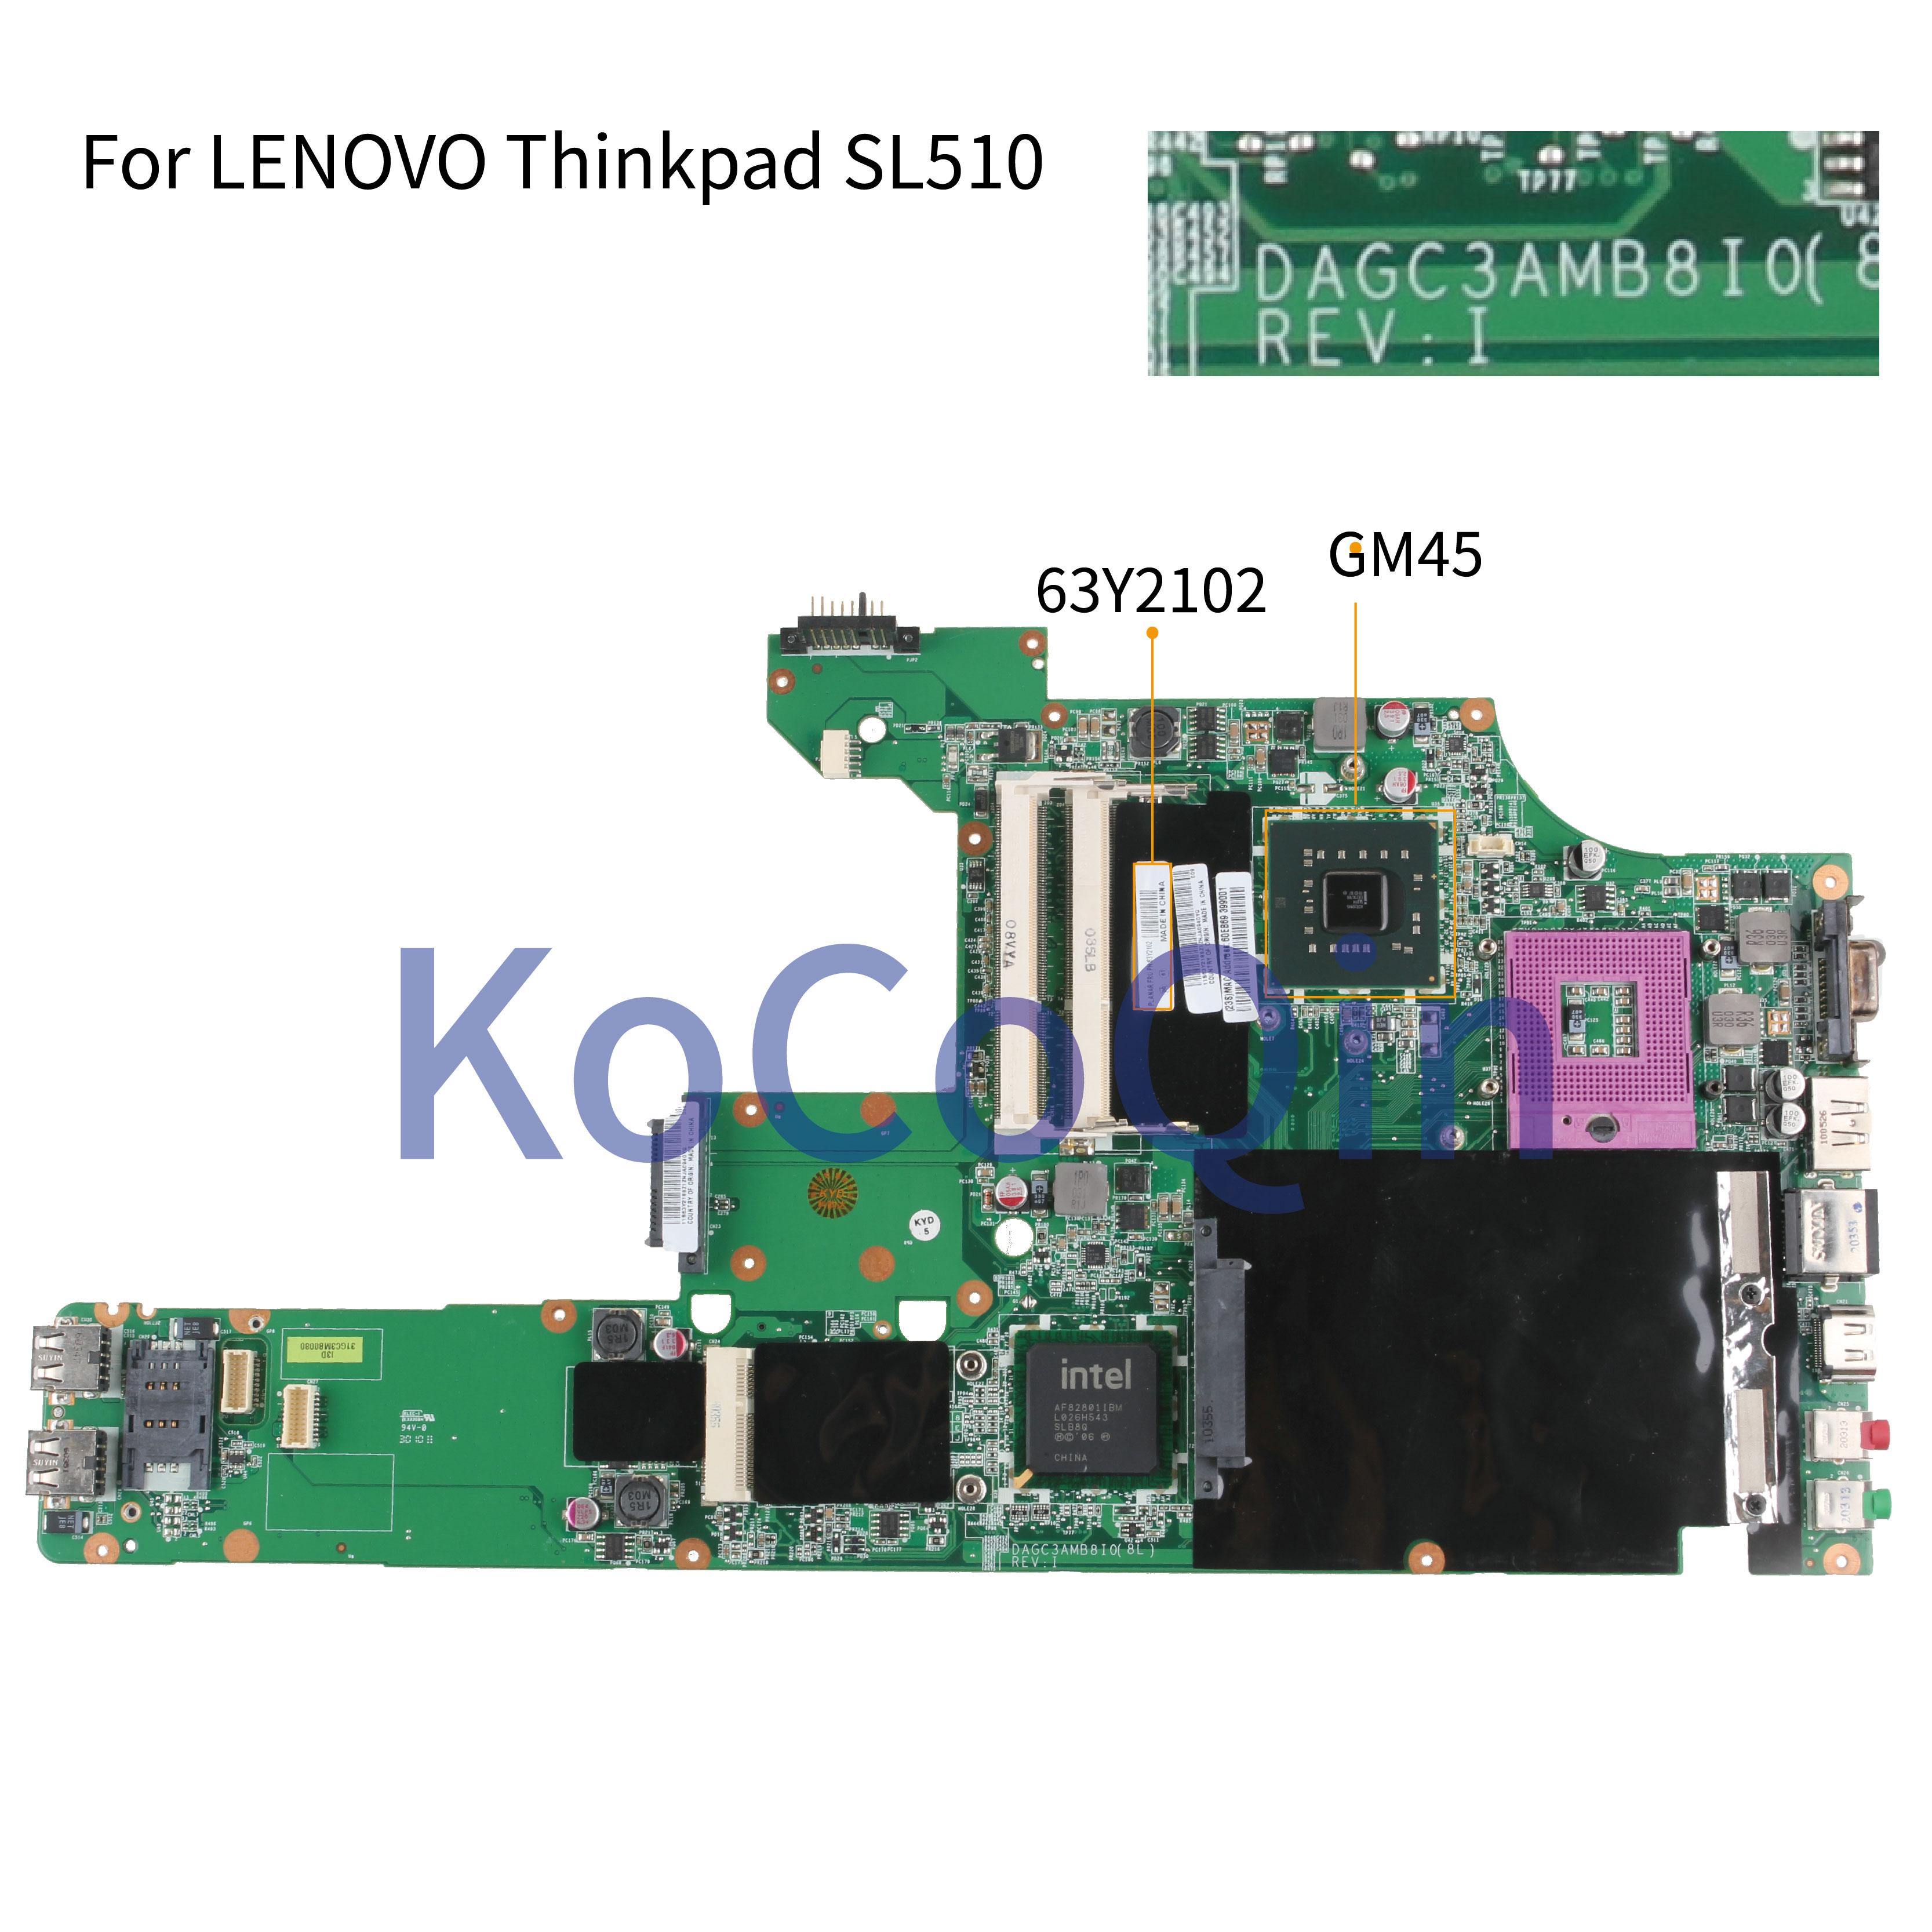 اللوحة الأم للكمبيوتر المحمول KoCoQin لأجهزة LENOVO Thinkpad SL510 GM45, اللوحة الرئيسية 63Y2102 DAGC3AMB8H0 DDR3